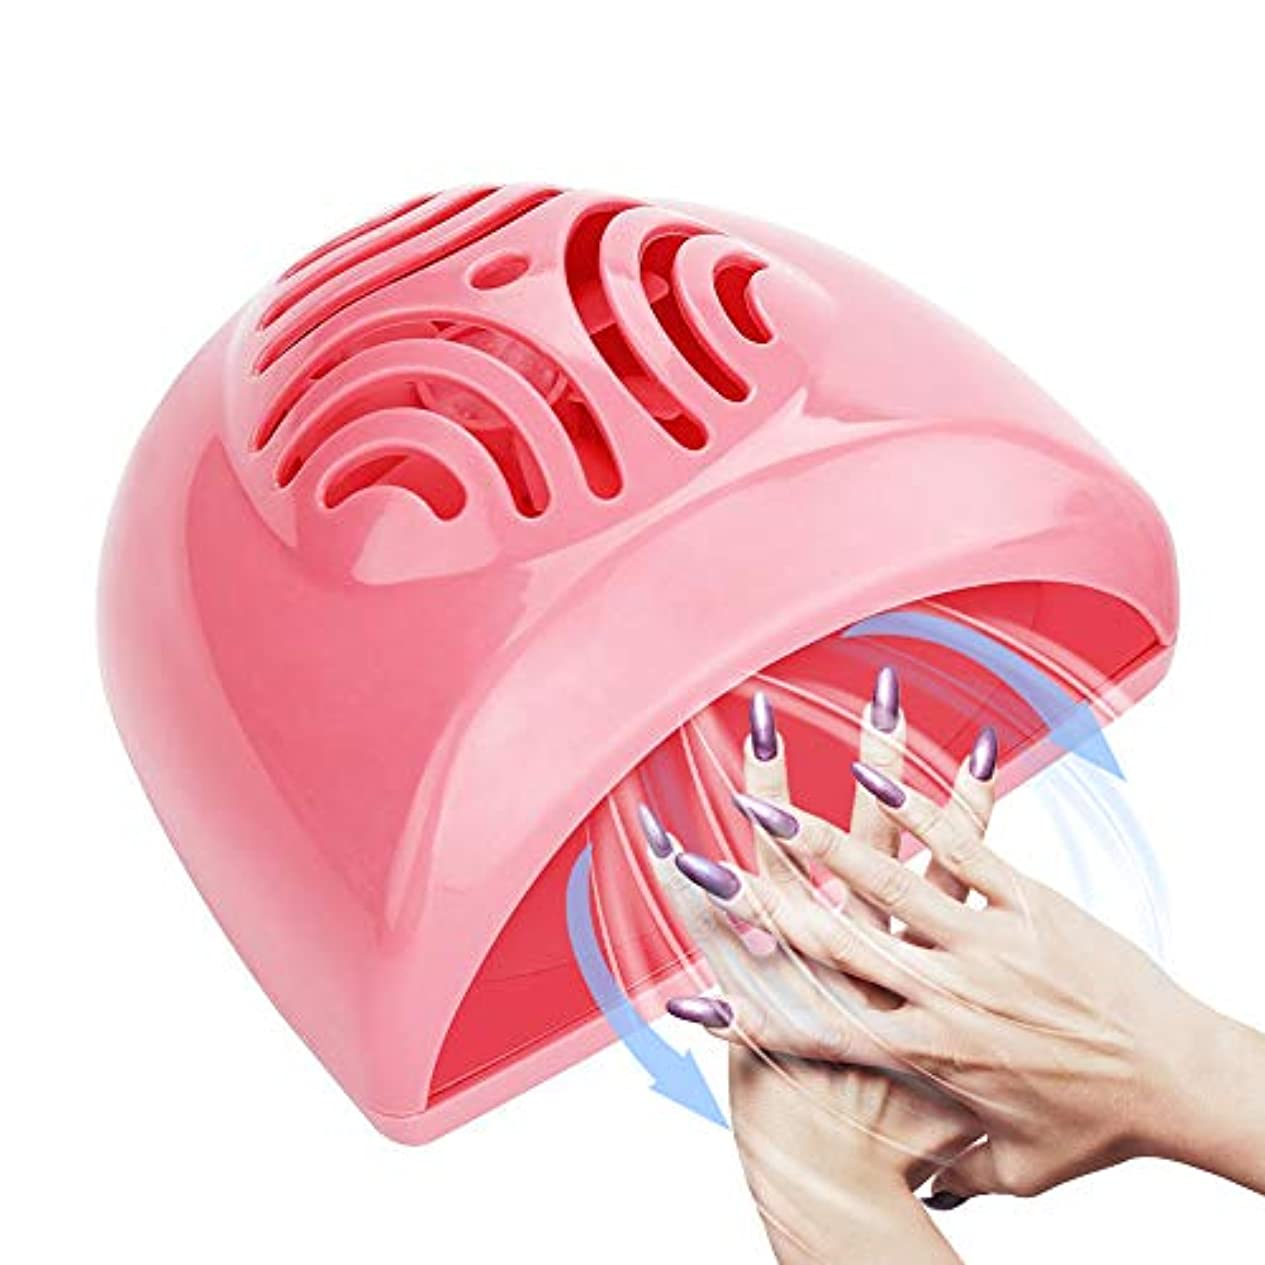 ヒゲ主婦推測ネイルドライヤー ファン 扇風機 マニキュア 速乾 ネイル乾燥機 ポリッシュ乾燥用 持ち運びやすい 旅行 シルバー ピンク (ネイルジェルの硬化できない)(ピンク)